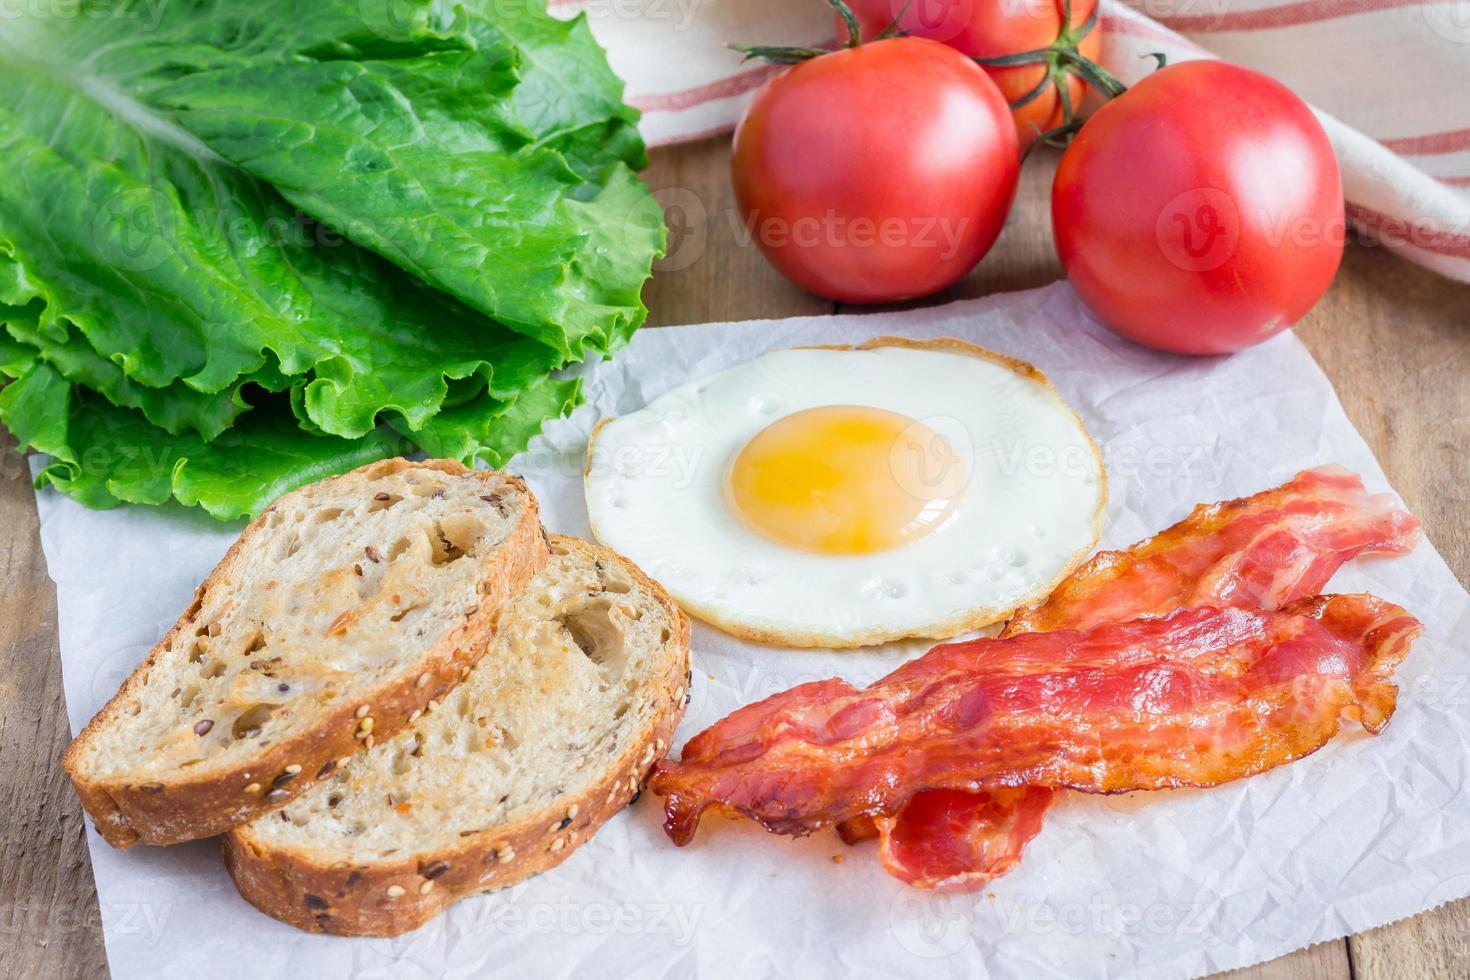 fazendo sanduíche de rosto aberto com ovo, bacon, tomate e alface foto